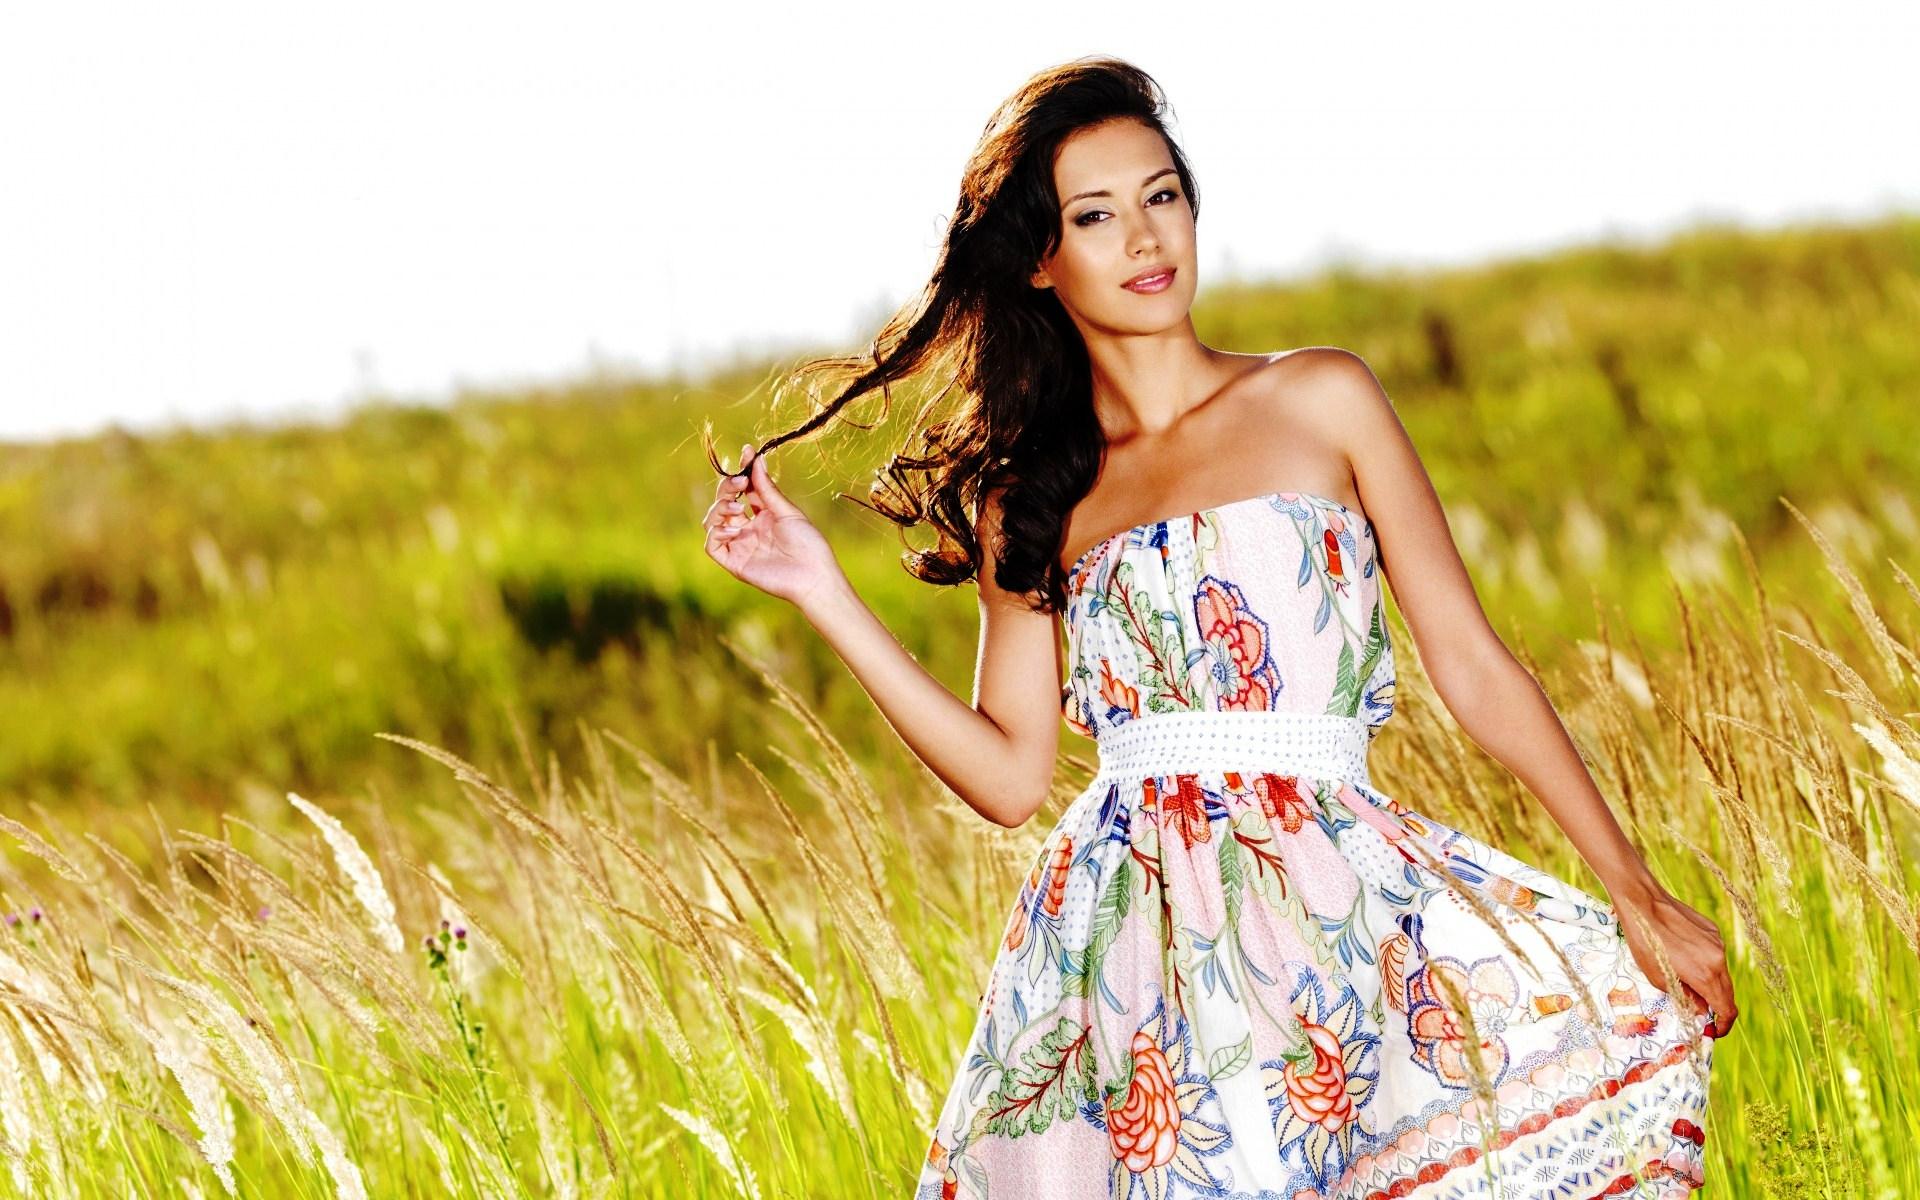 Смотреть девушек в летних платьях